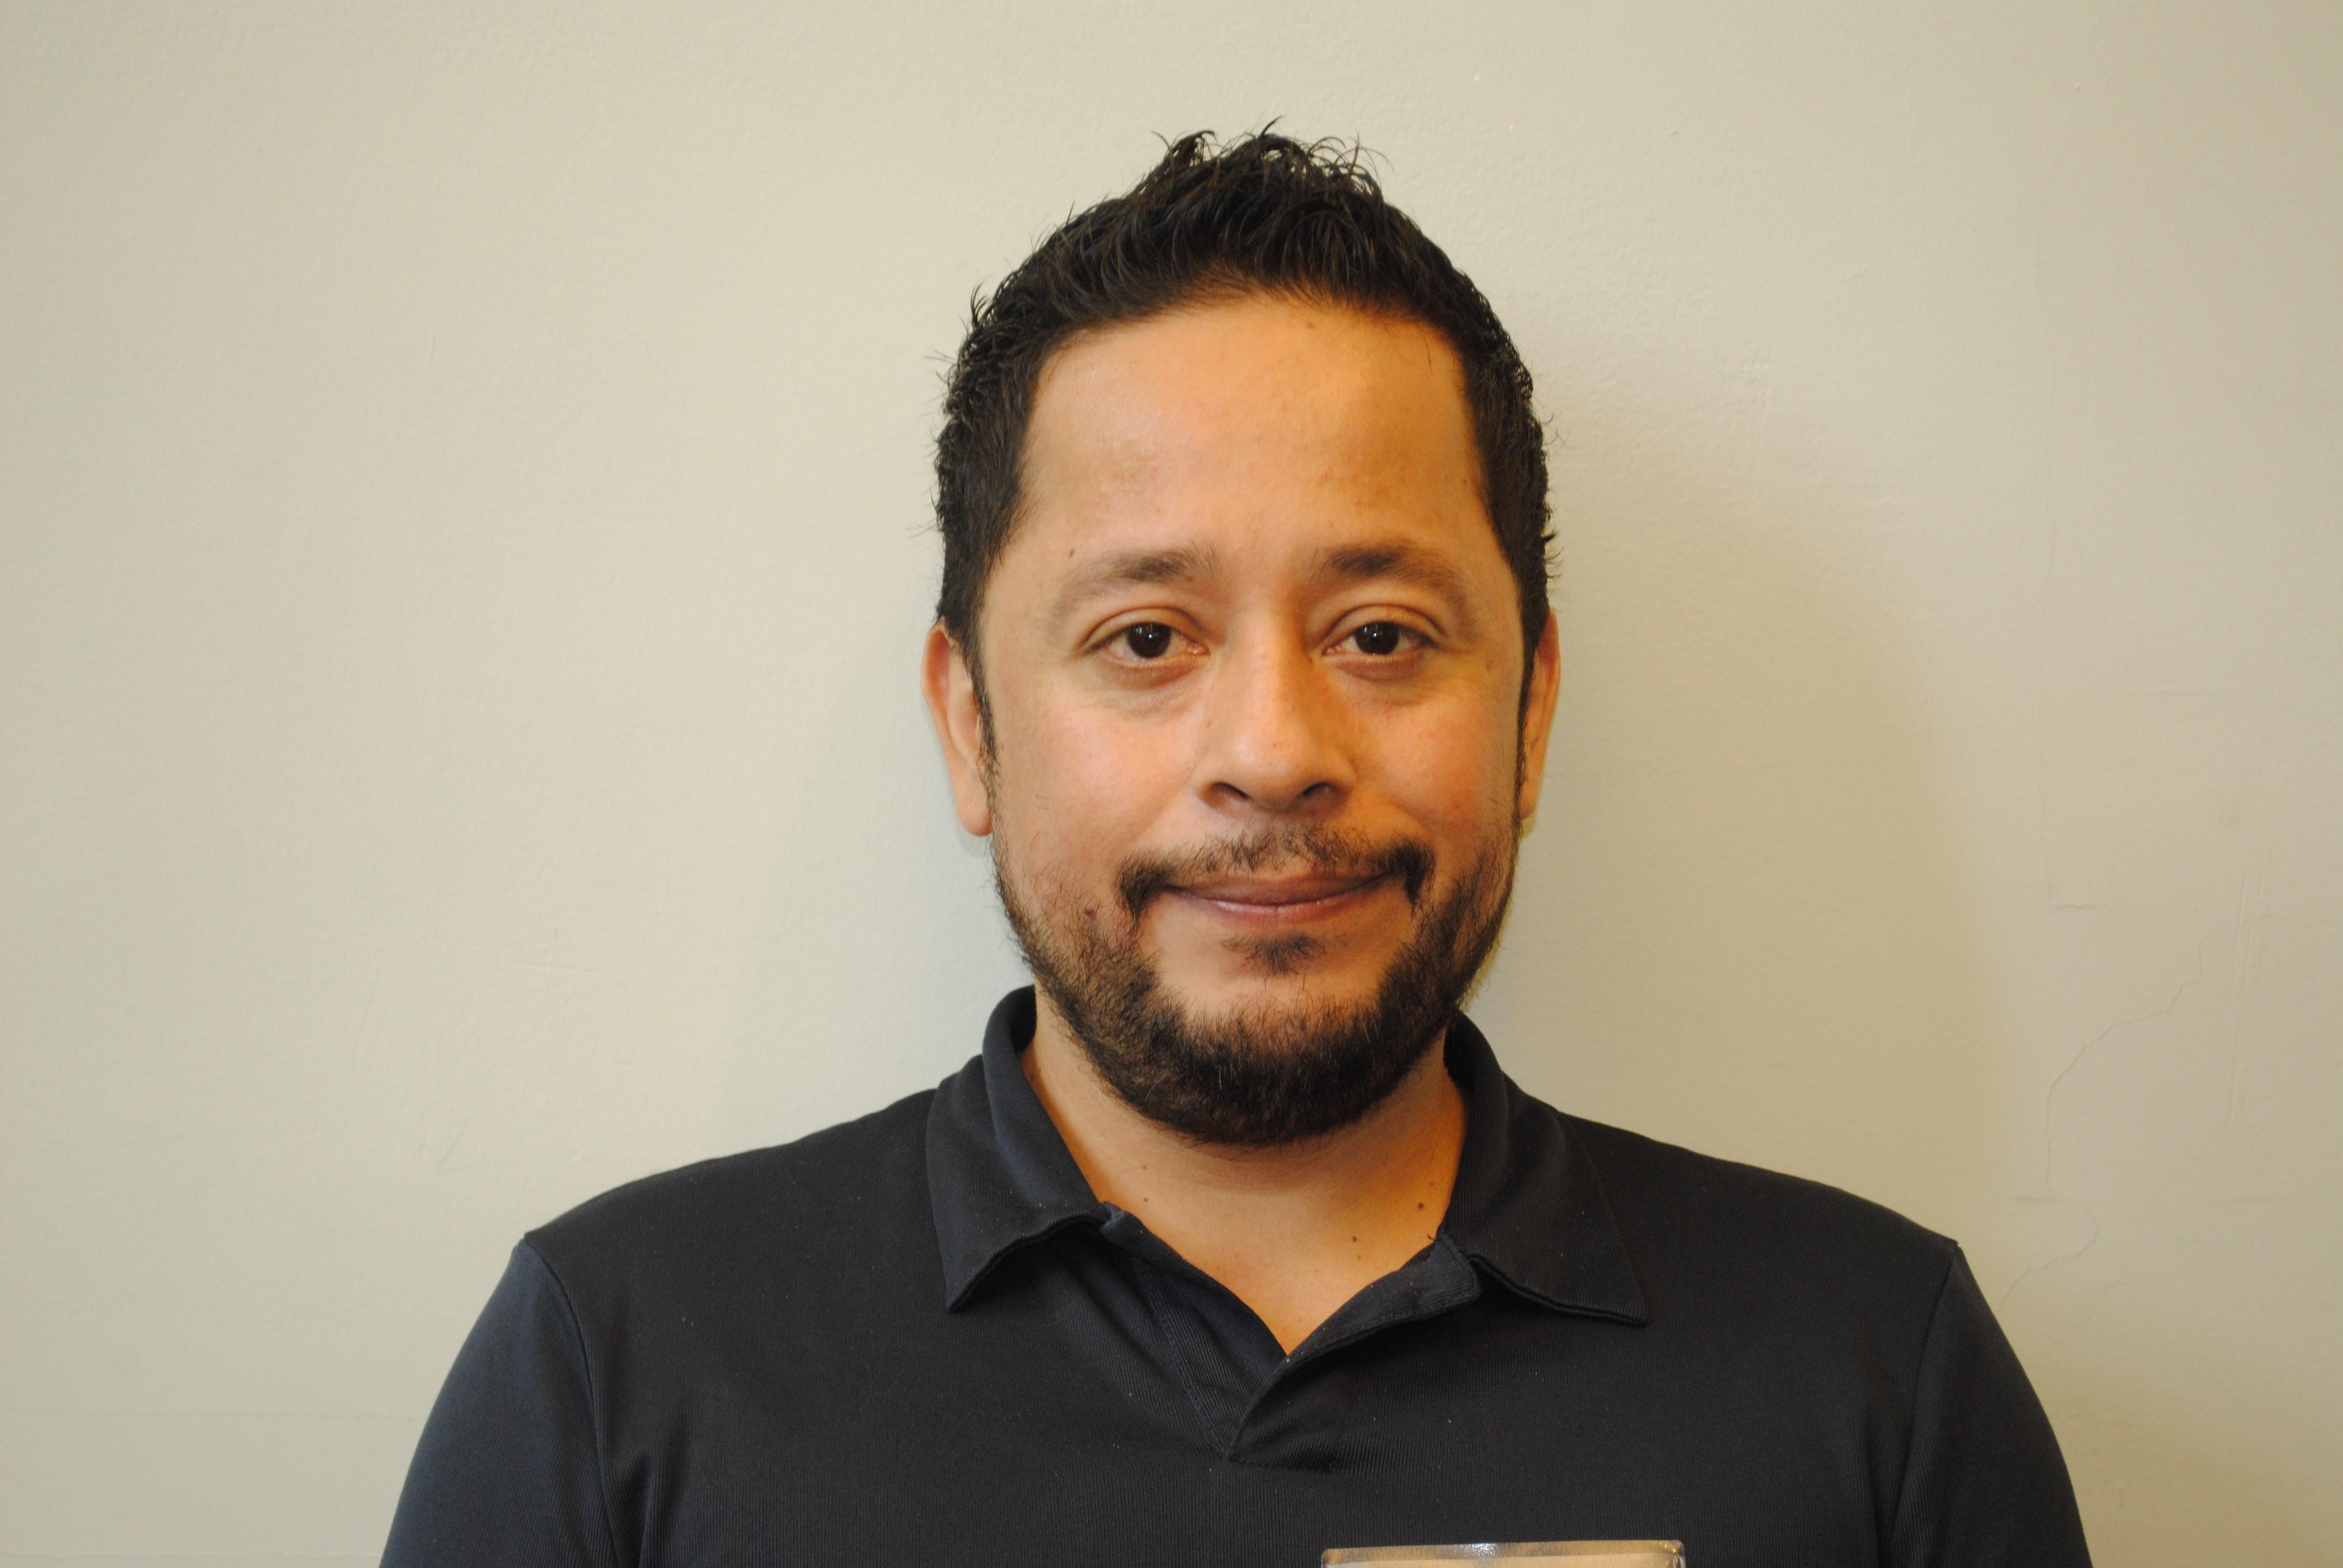 MPA student Daniel Vera